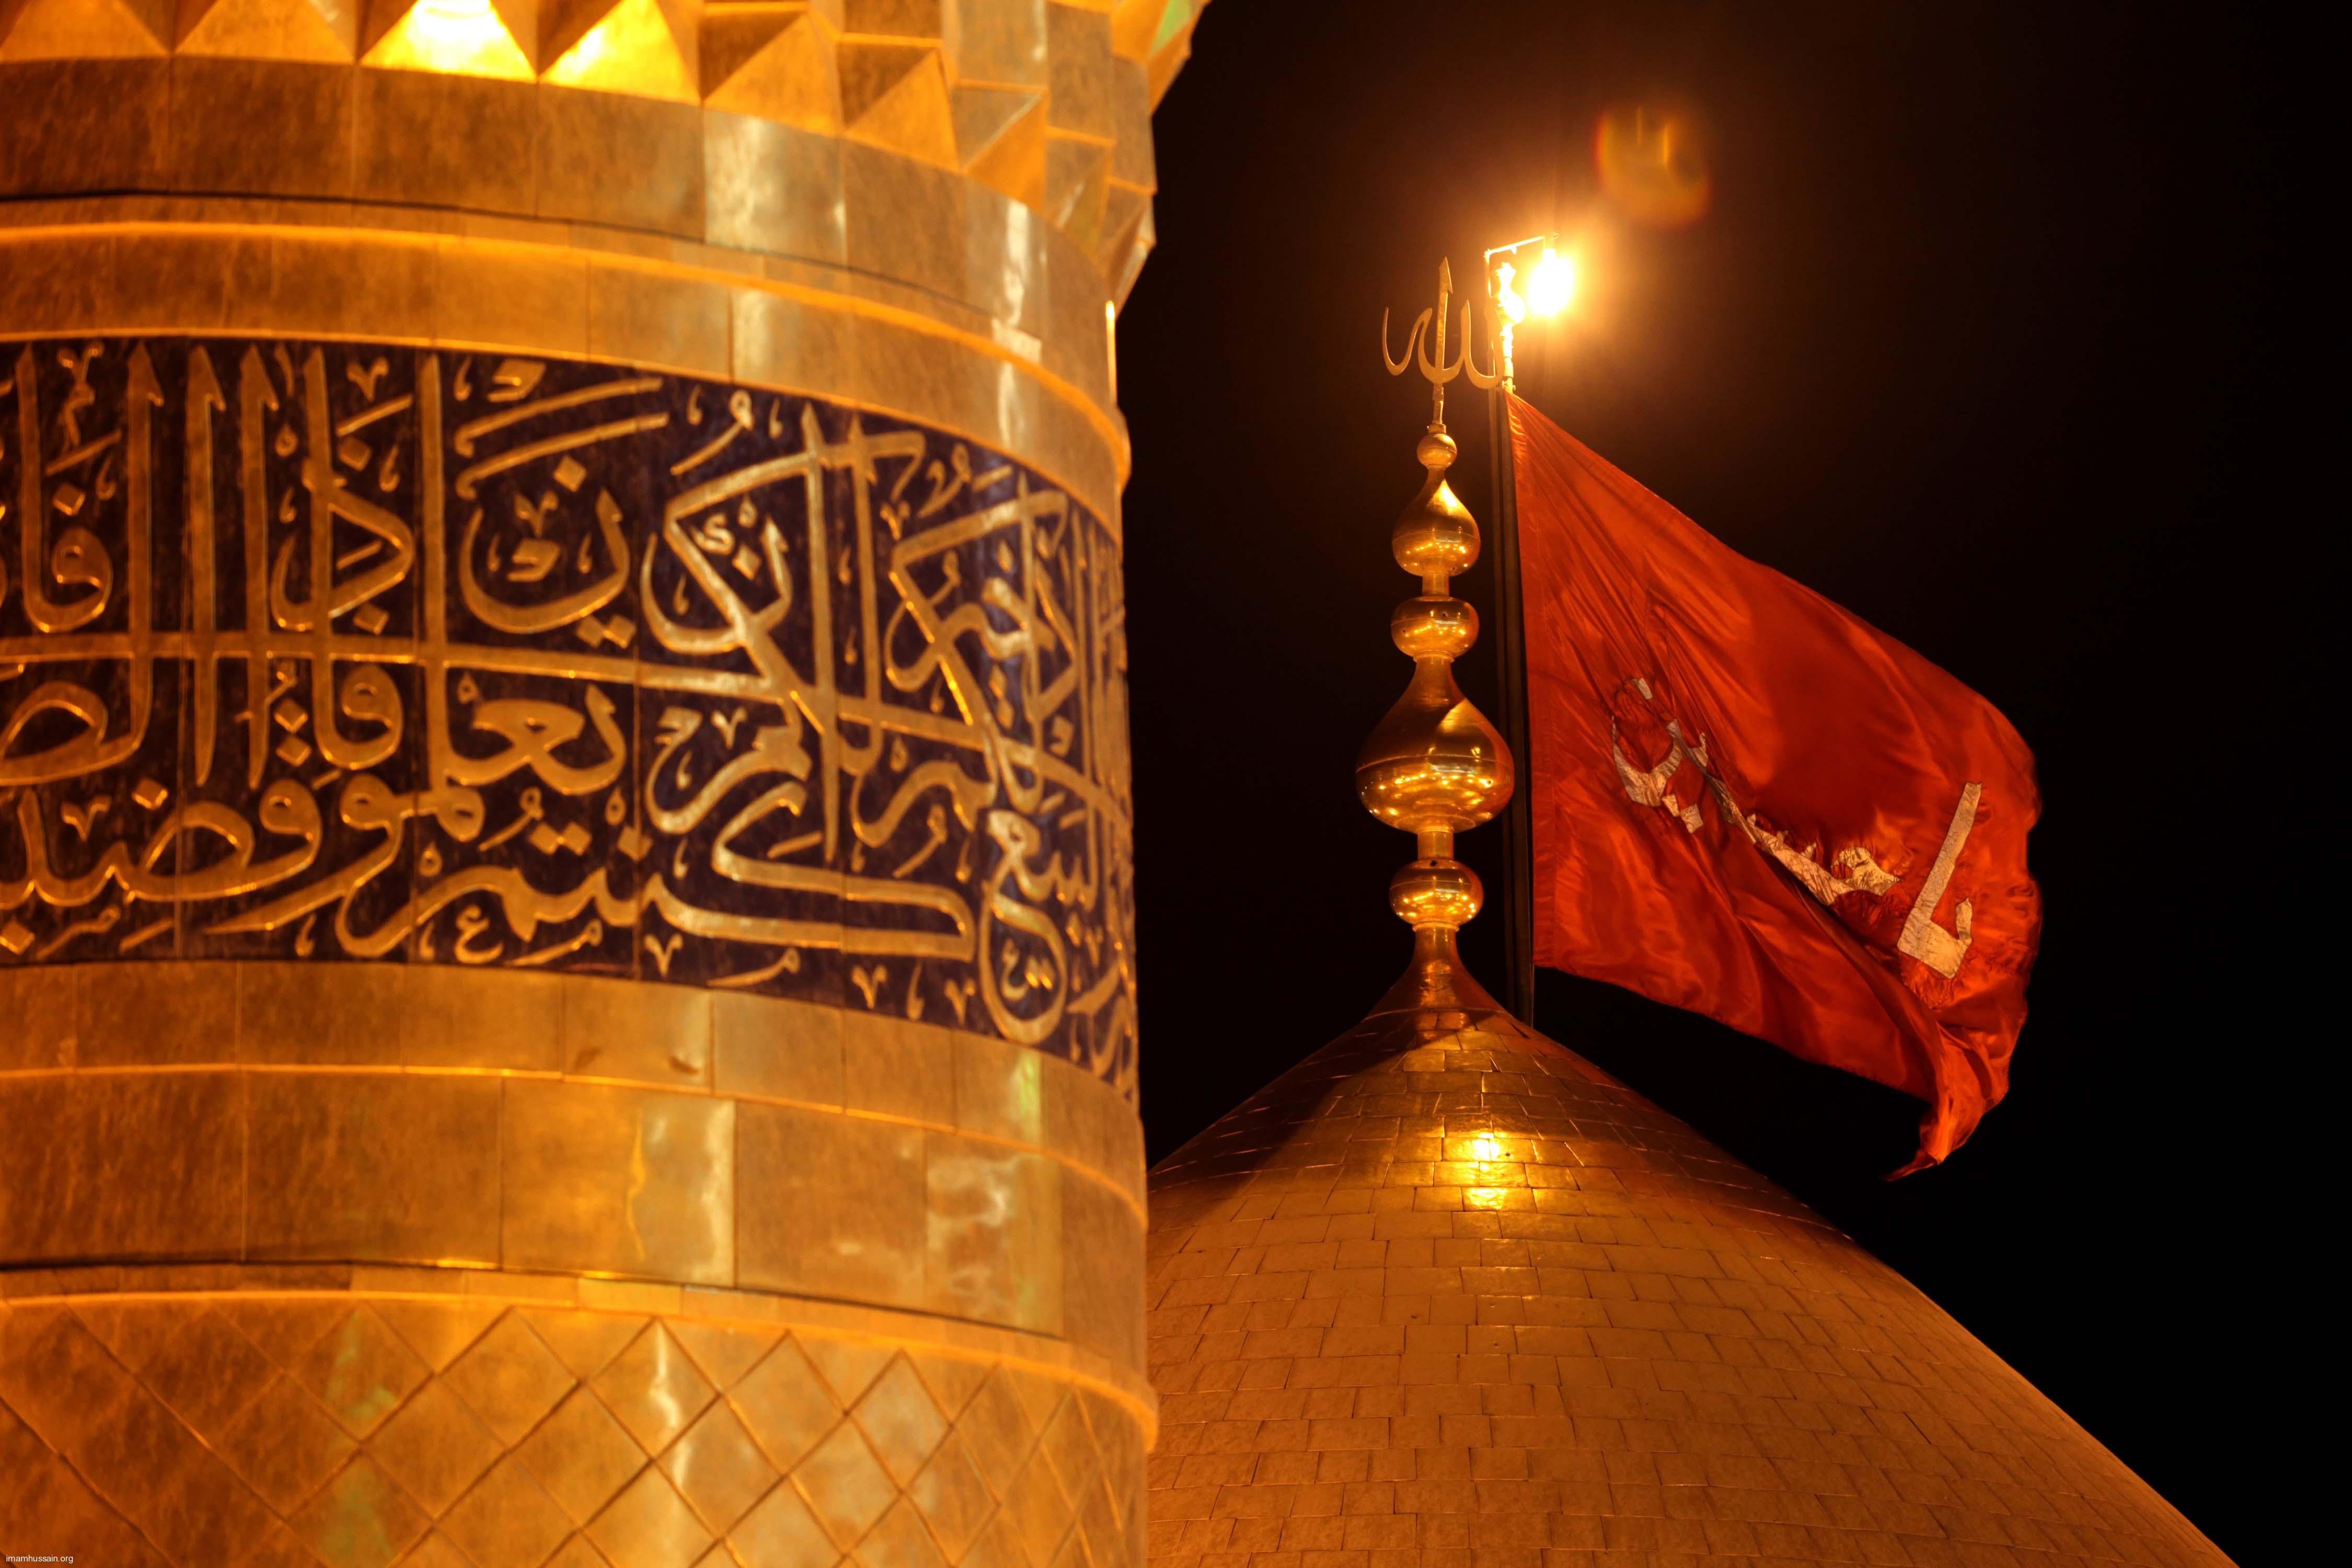 عکس حرم امام حسین وحضرت عباس